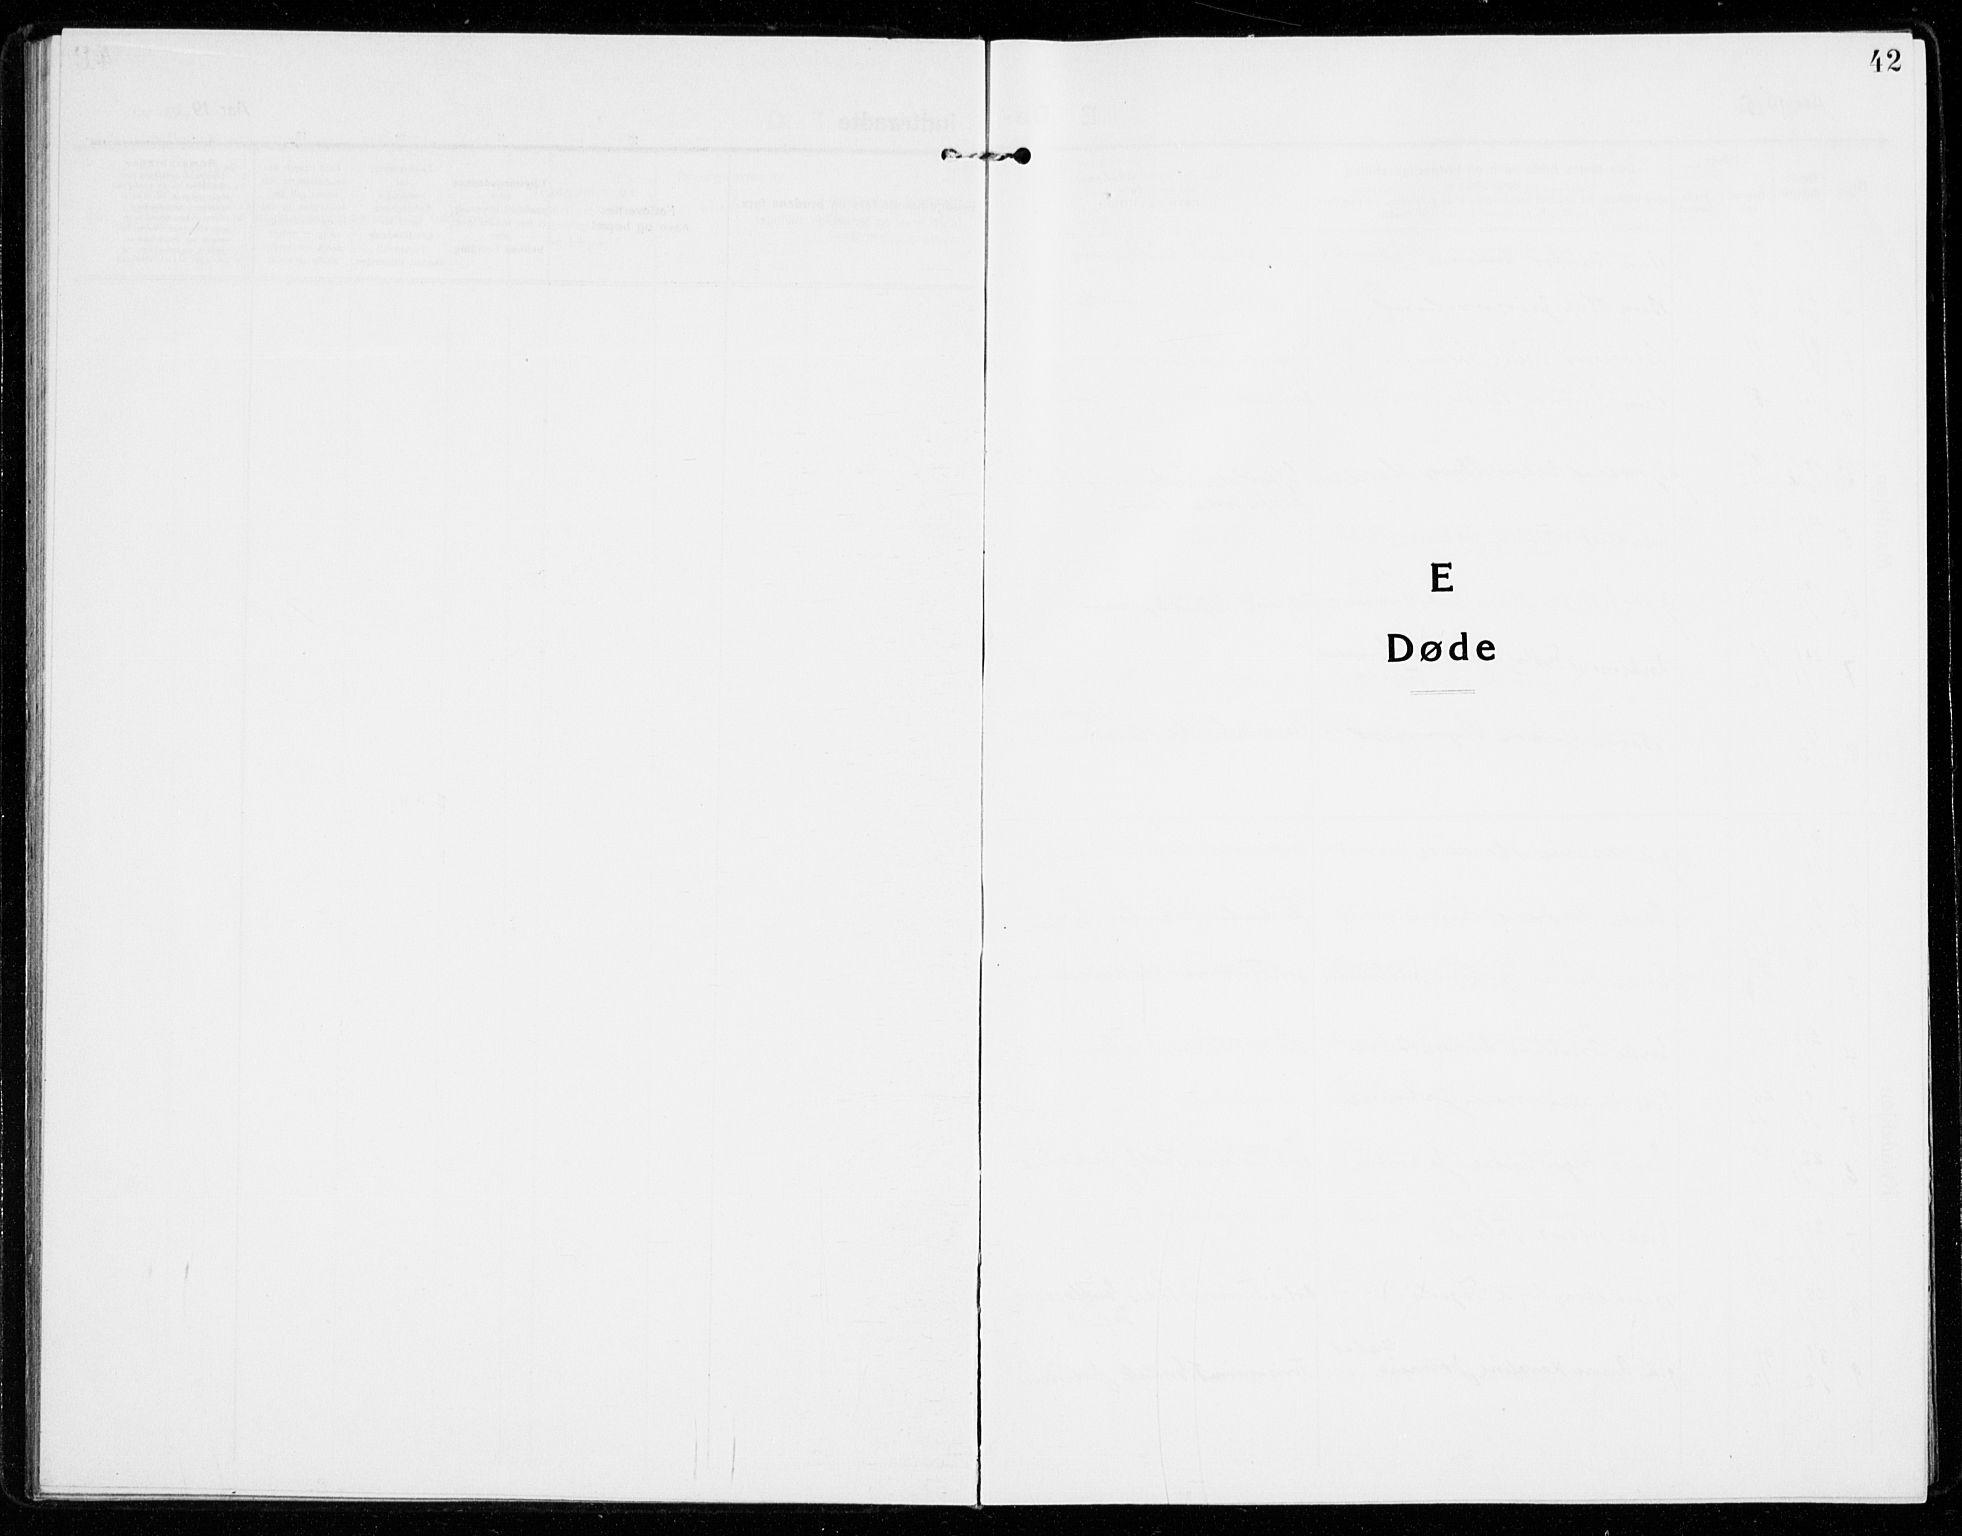 SAKO, Sandar kirkebøker, F/Fa/L0020: Ministerialbok nr. 20, 1915-1919, s. 42